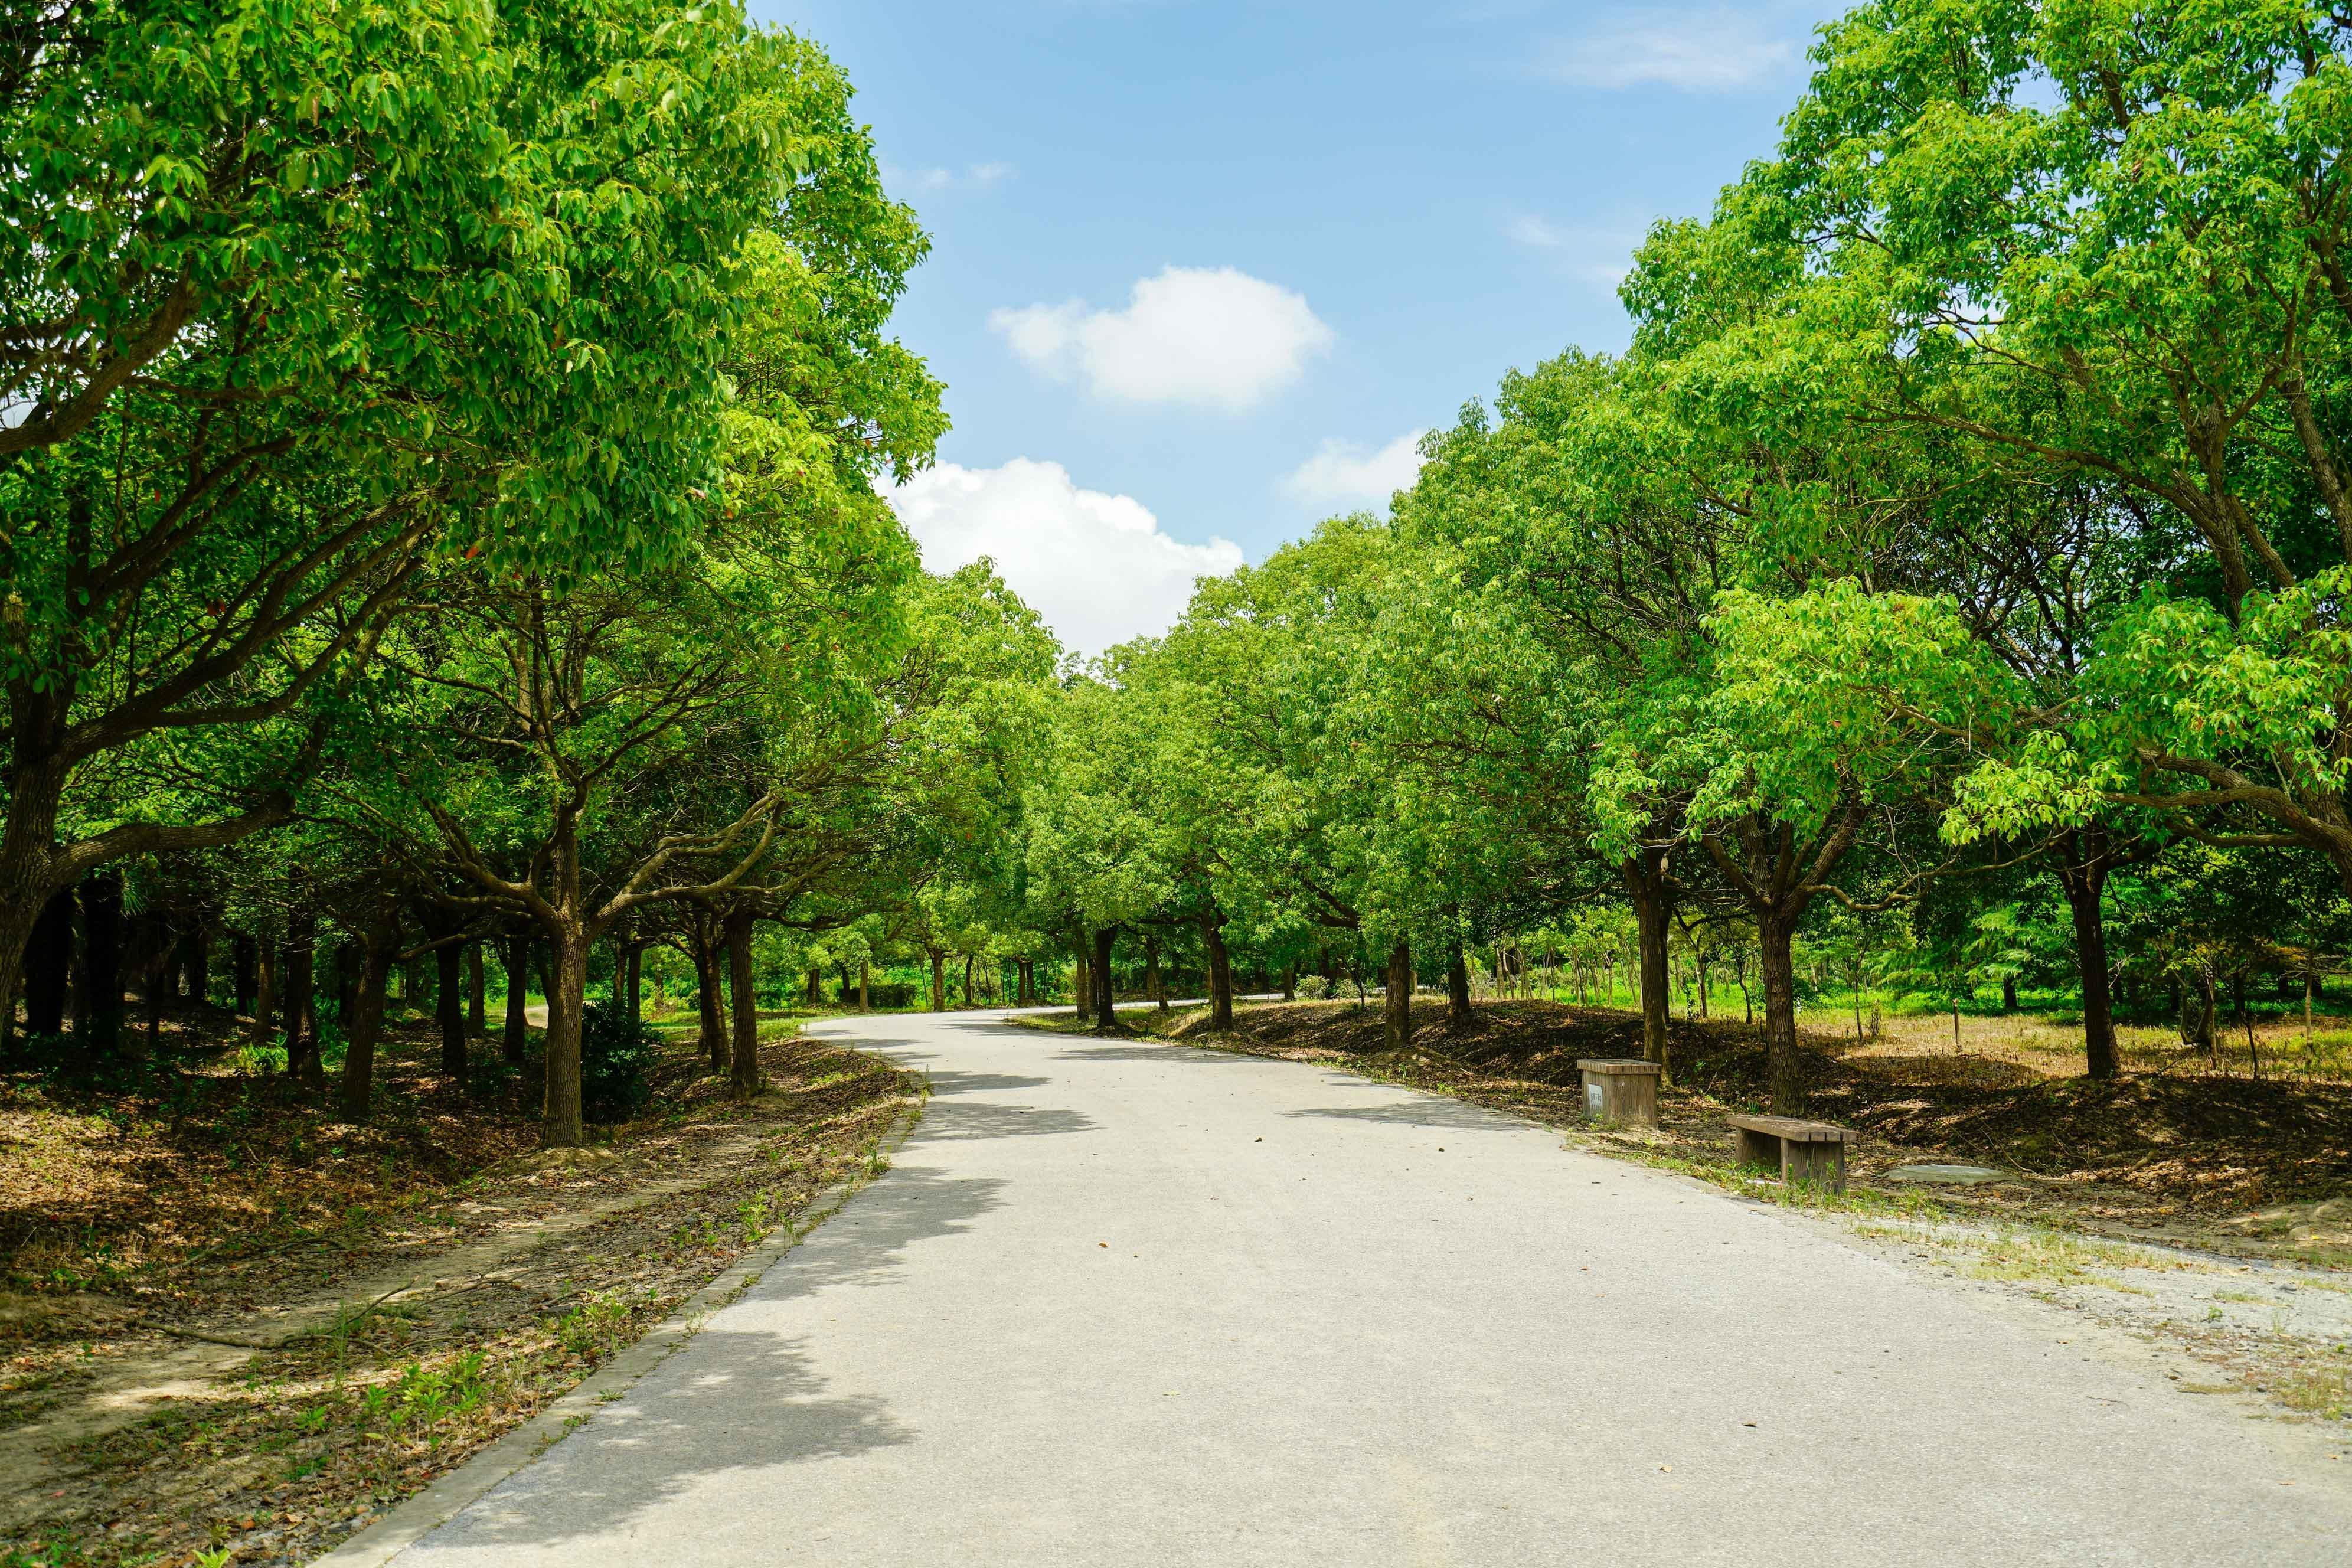 上海37度高温天,在滨海森林公园看蓝天白云马